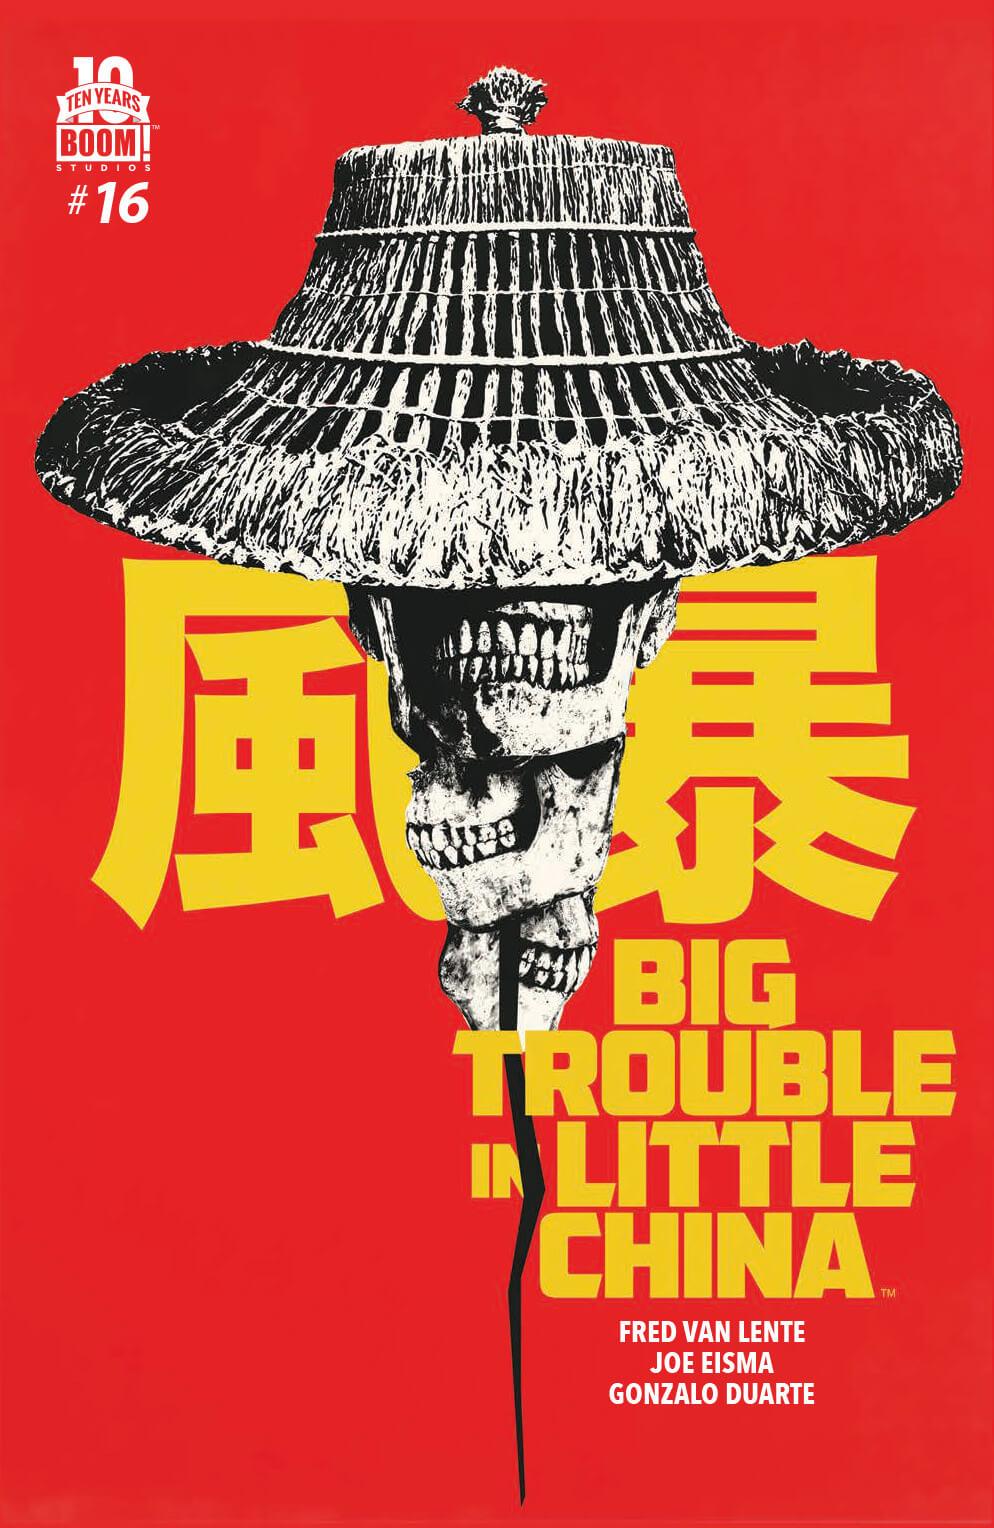 BigTroubleLittleChina_016_A_Main